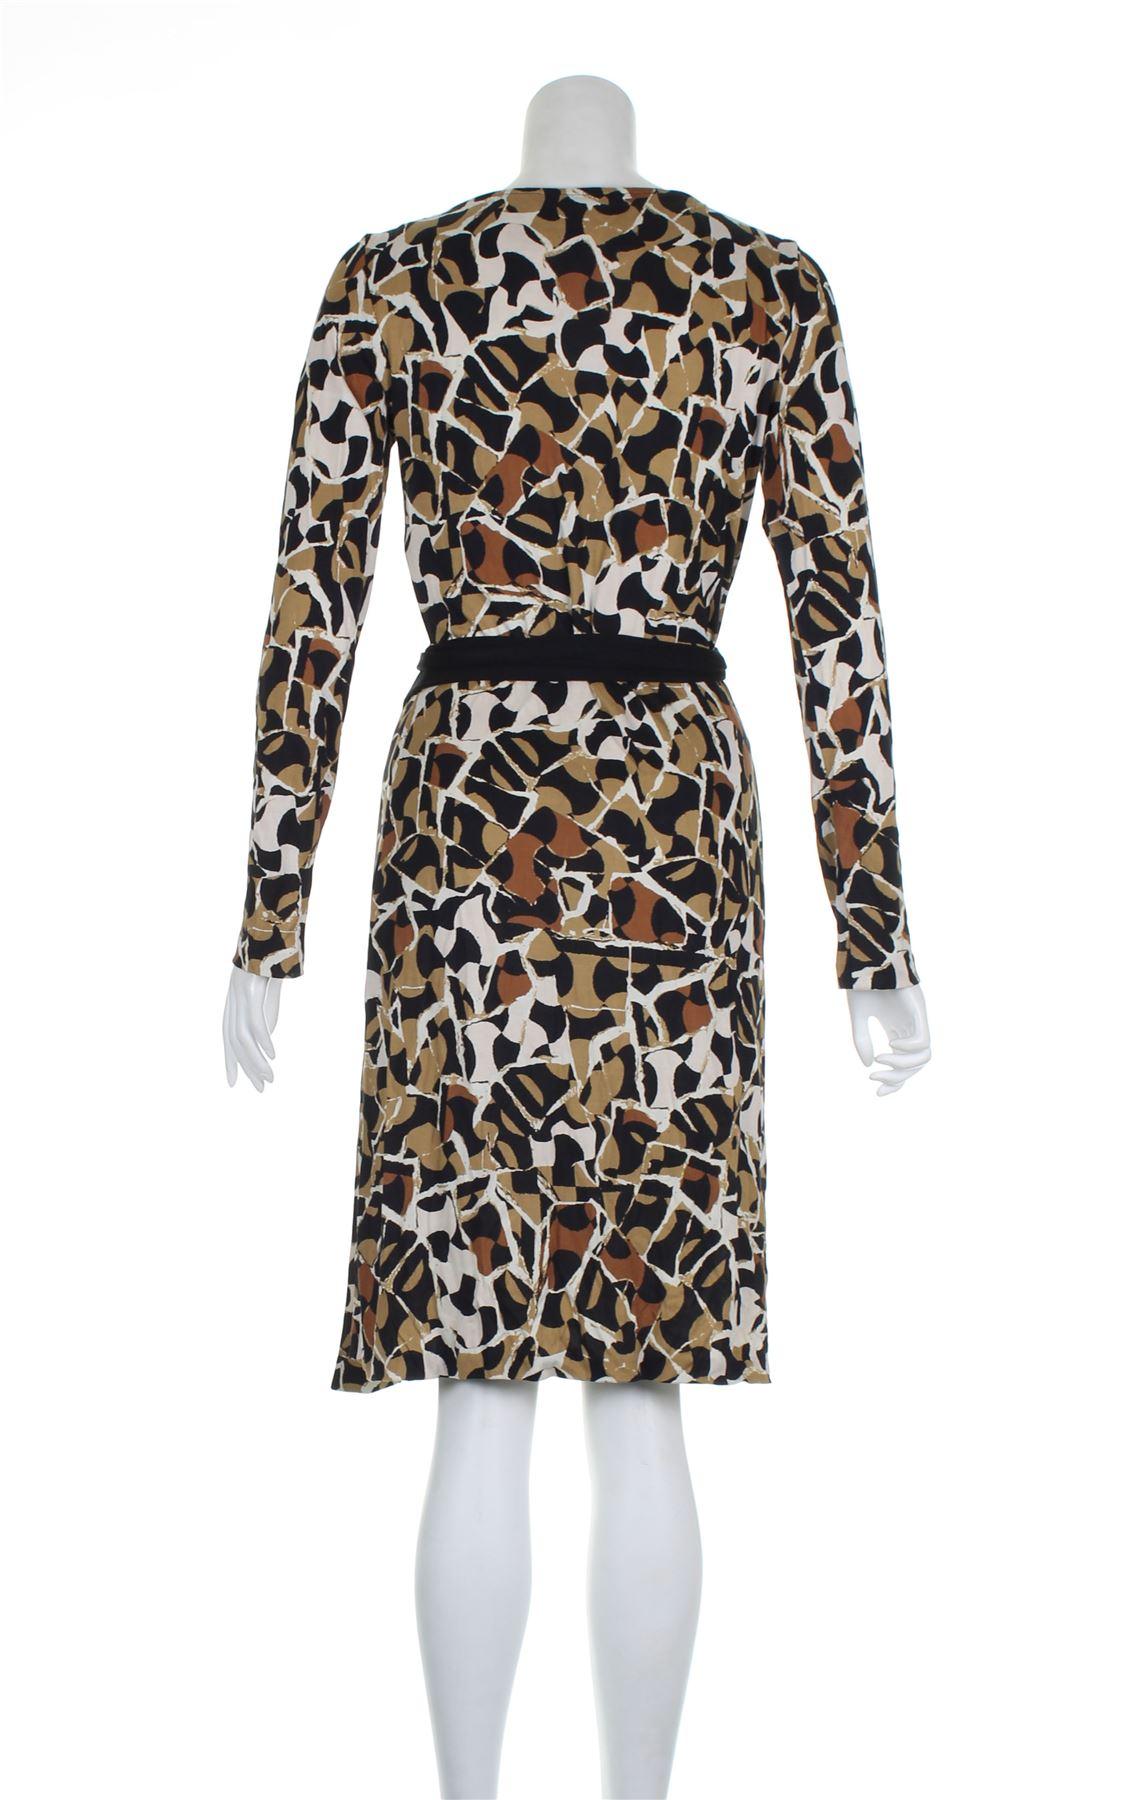 dac23acc57b9 DIANE VON FURSTENBERG Ha stampato il vestito casuale seta